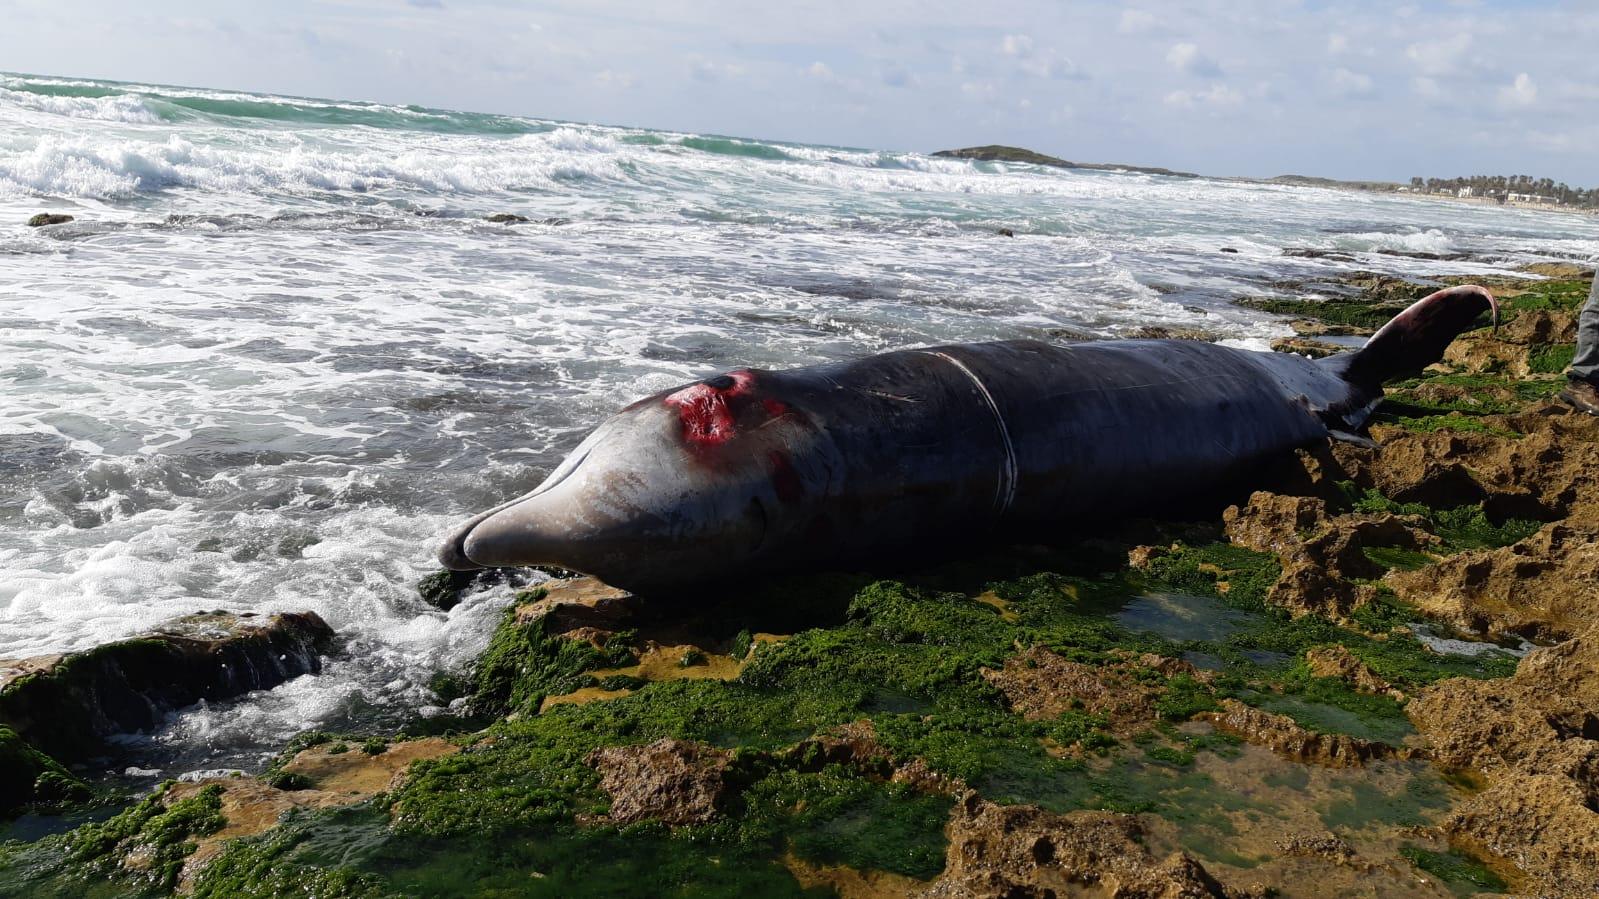 ליוויתן מת באורך 4.6 מטרים נפלט לחוף דור בחיפה | תיעוד